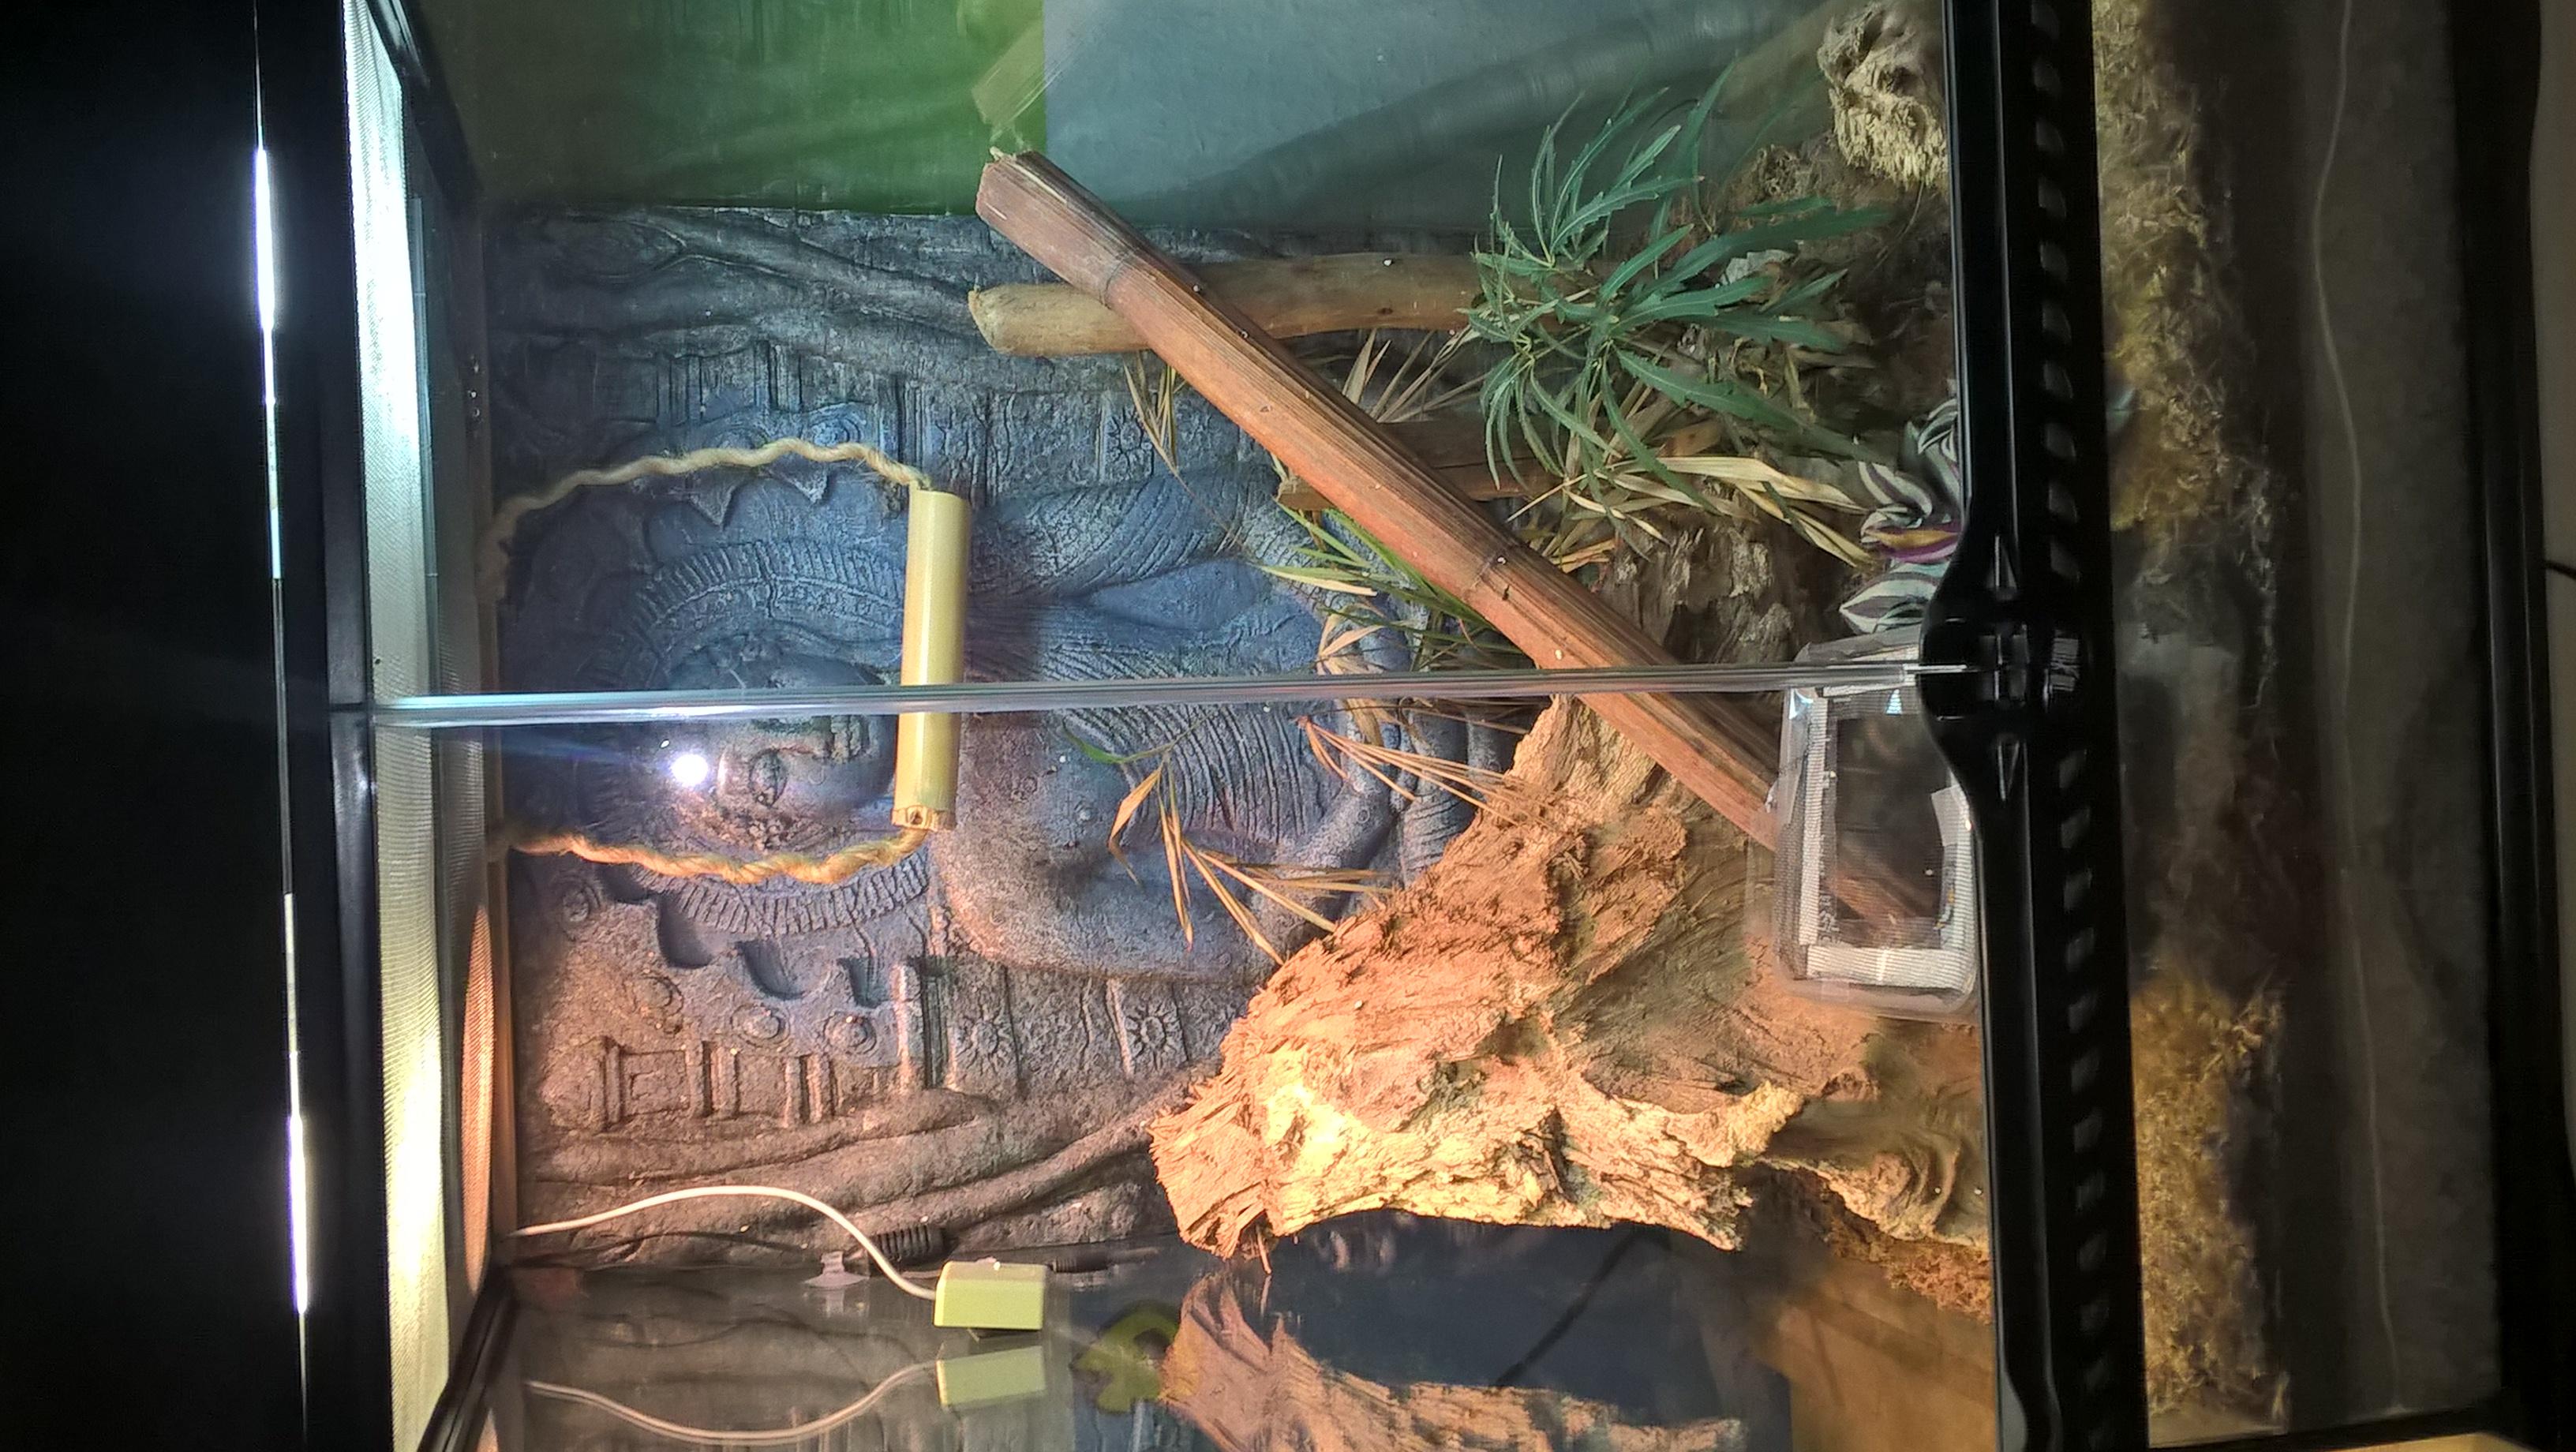 Küchenfliesen Verschönern Womit ~ tropenterrarium verschönern und womit lygodactylus